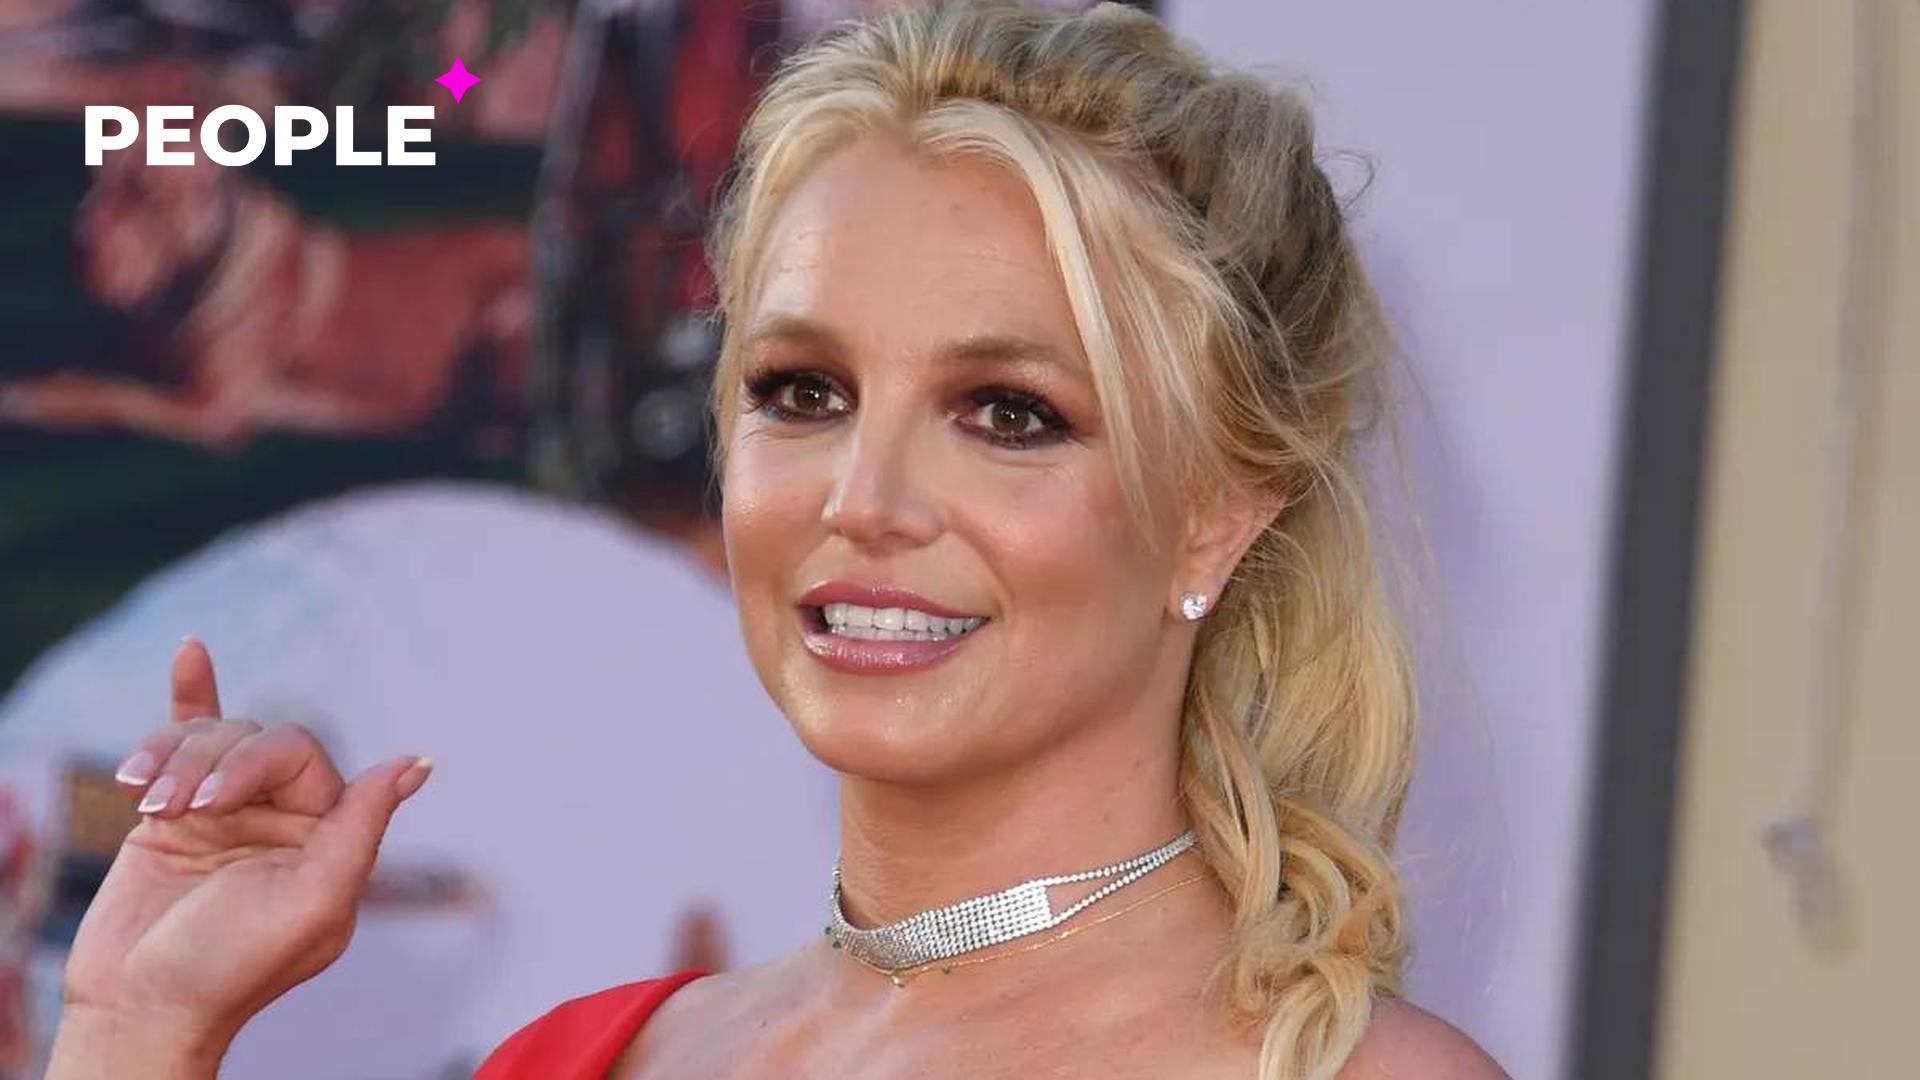 Бритни Спирс шокировала общественность рассказом о жестоких издевательствах отца и запретом на рождение ребёнка